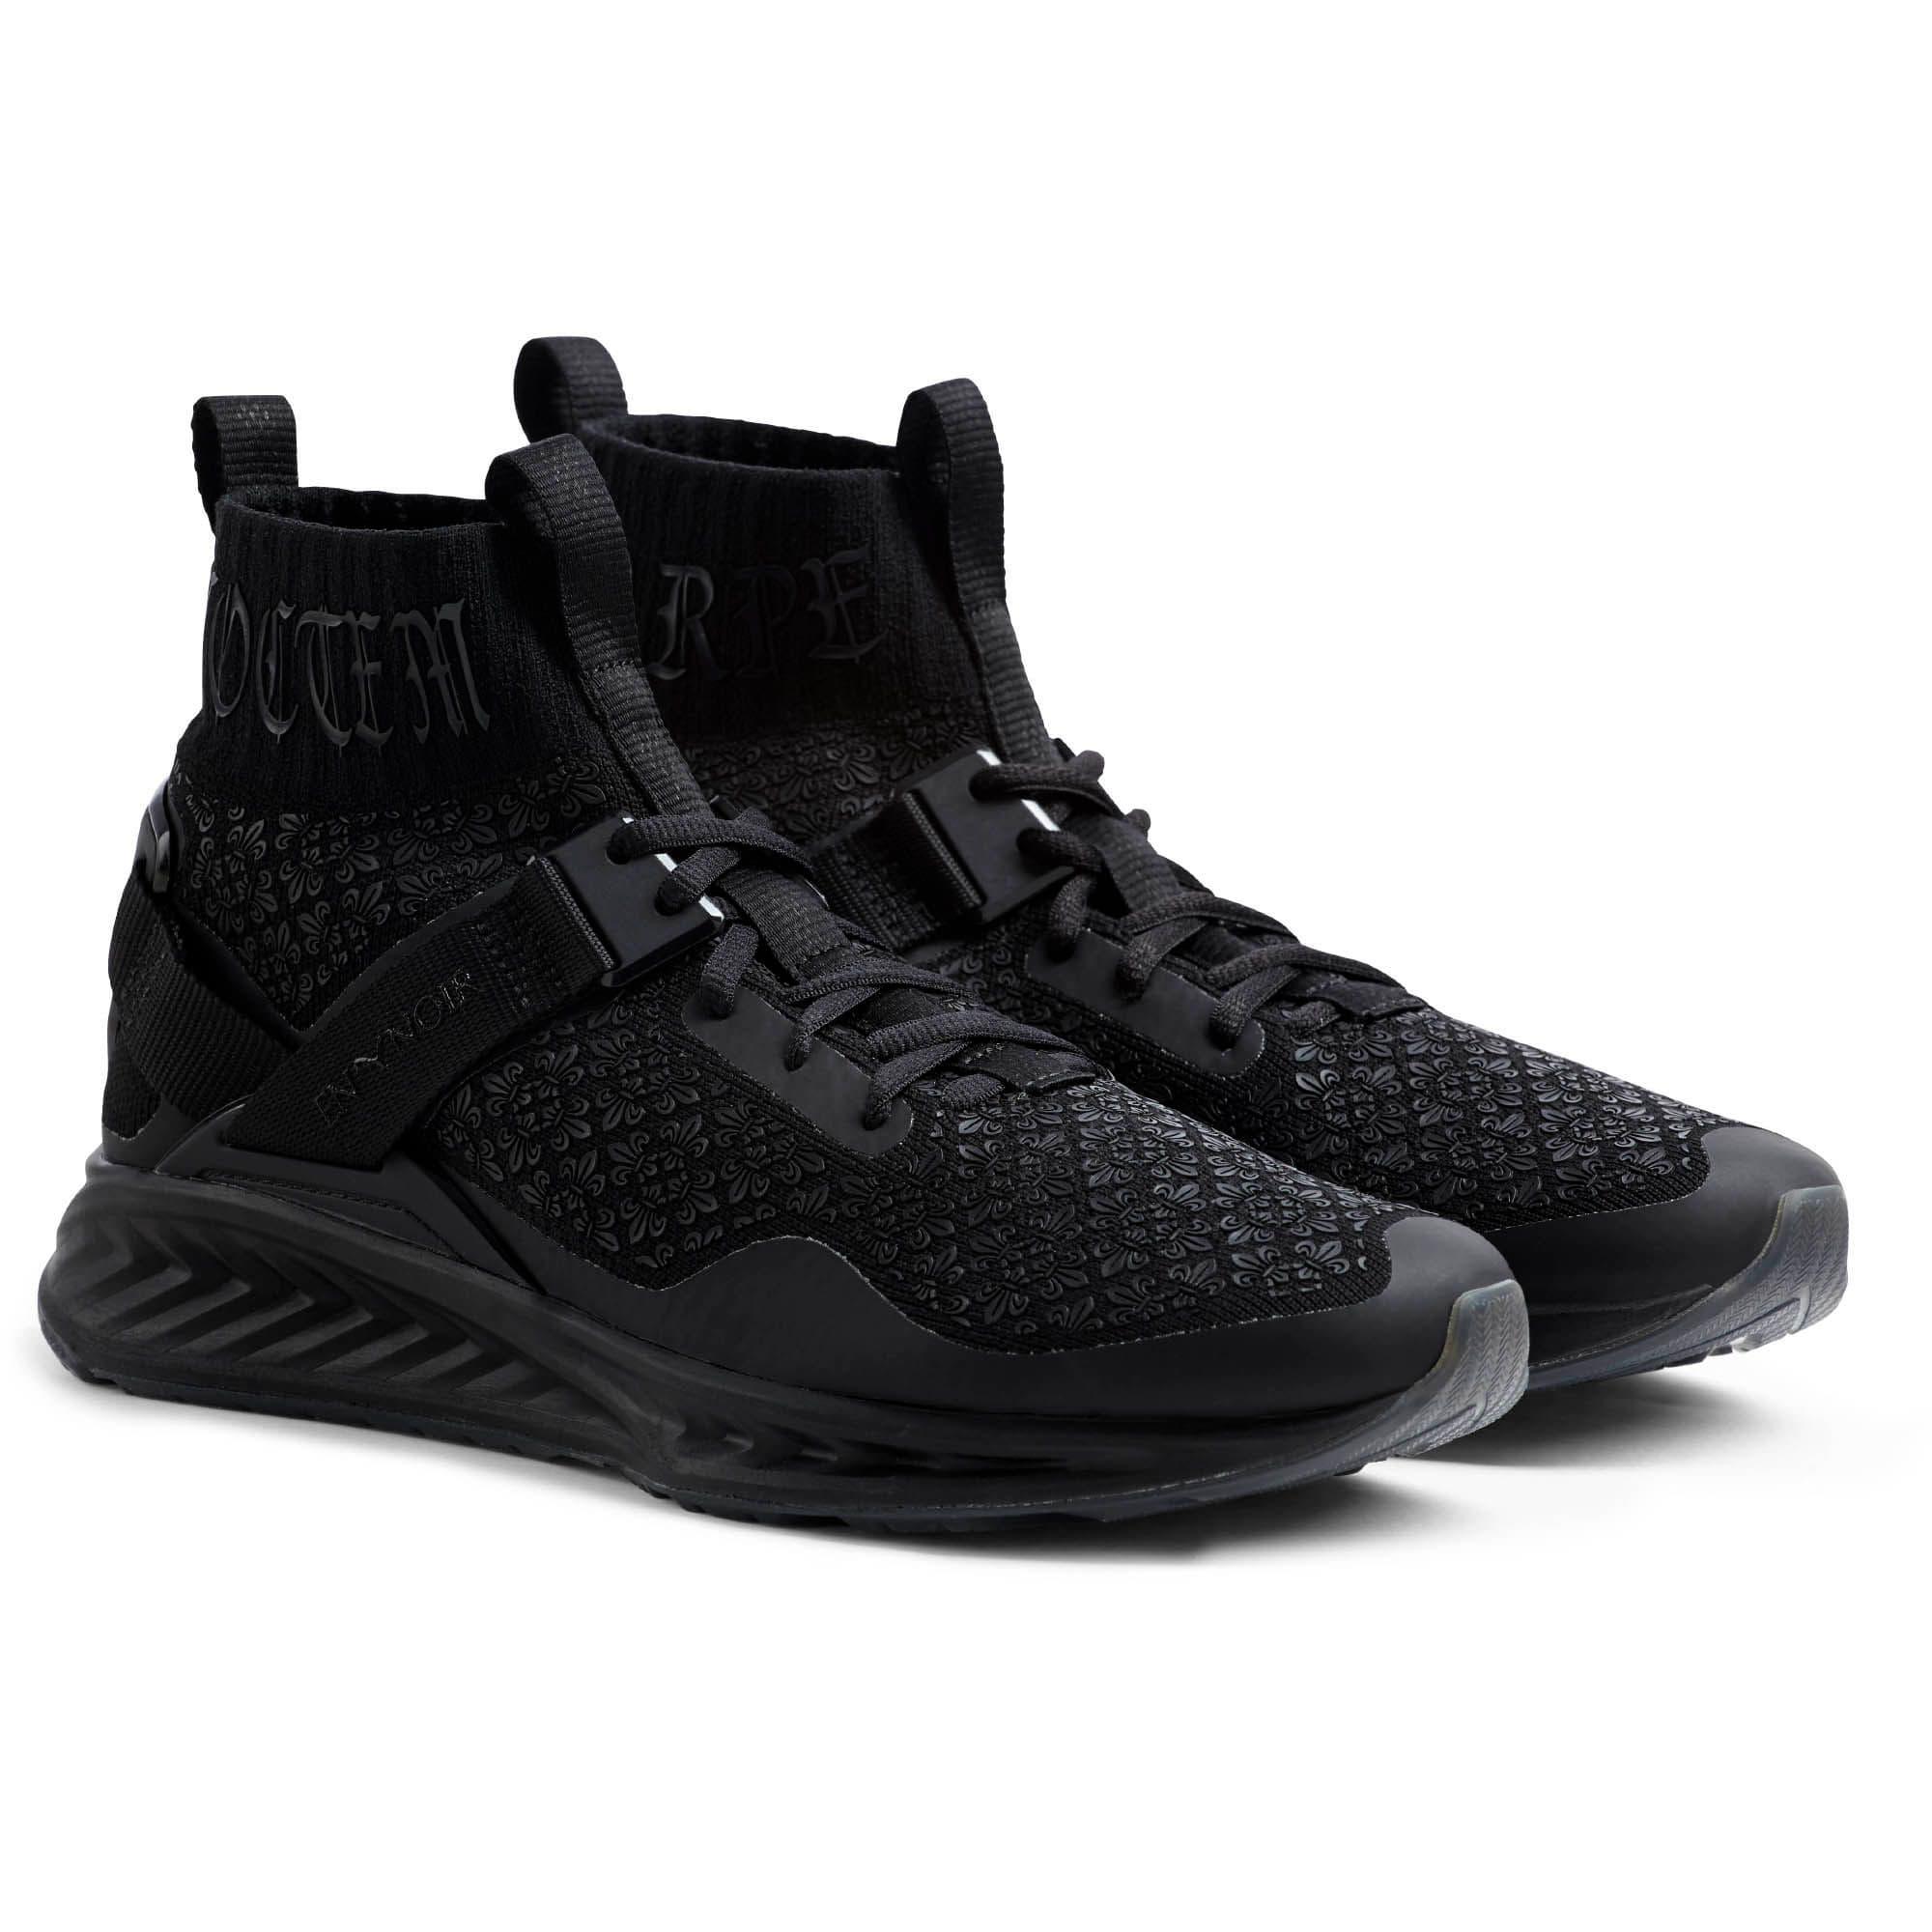 brand new b4c13 02f80 IGNITE evoKNIT En Noir Men's Training Shoes